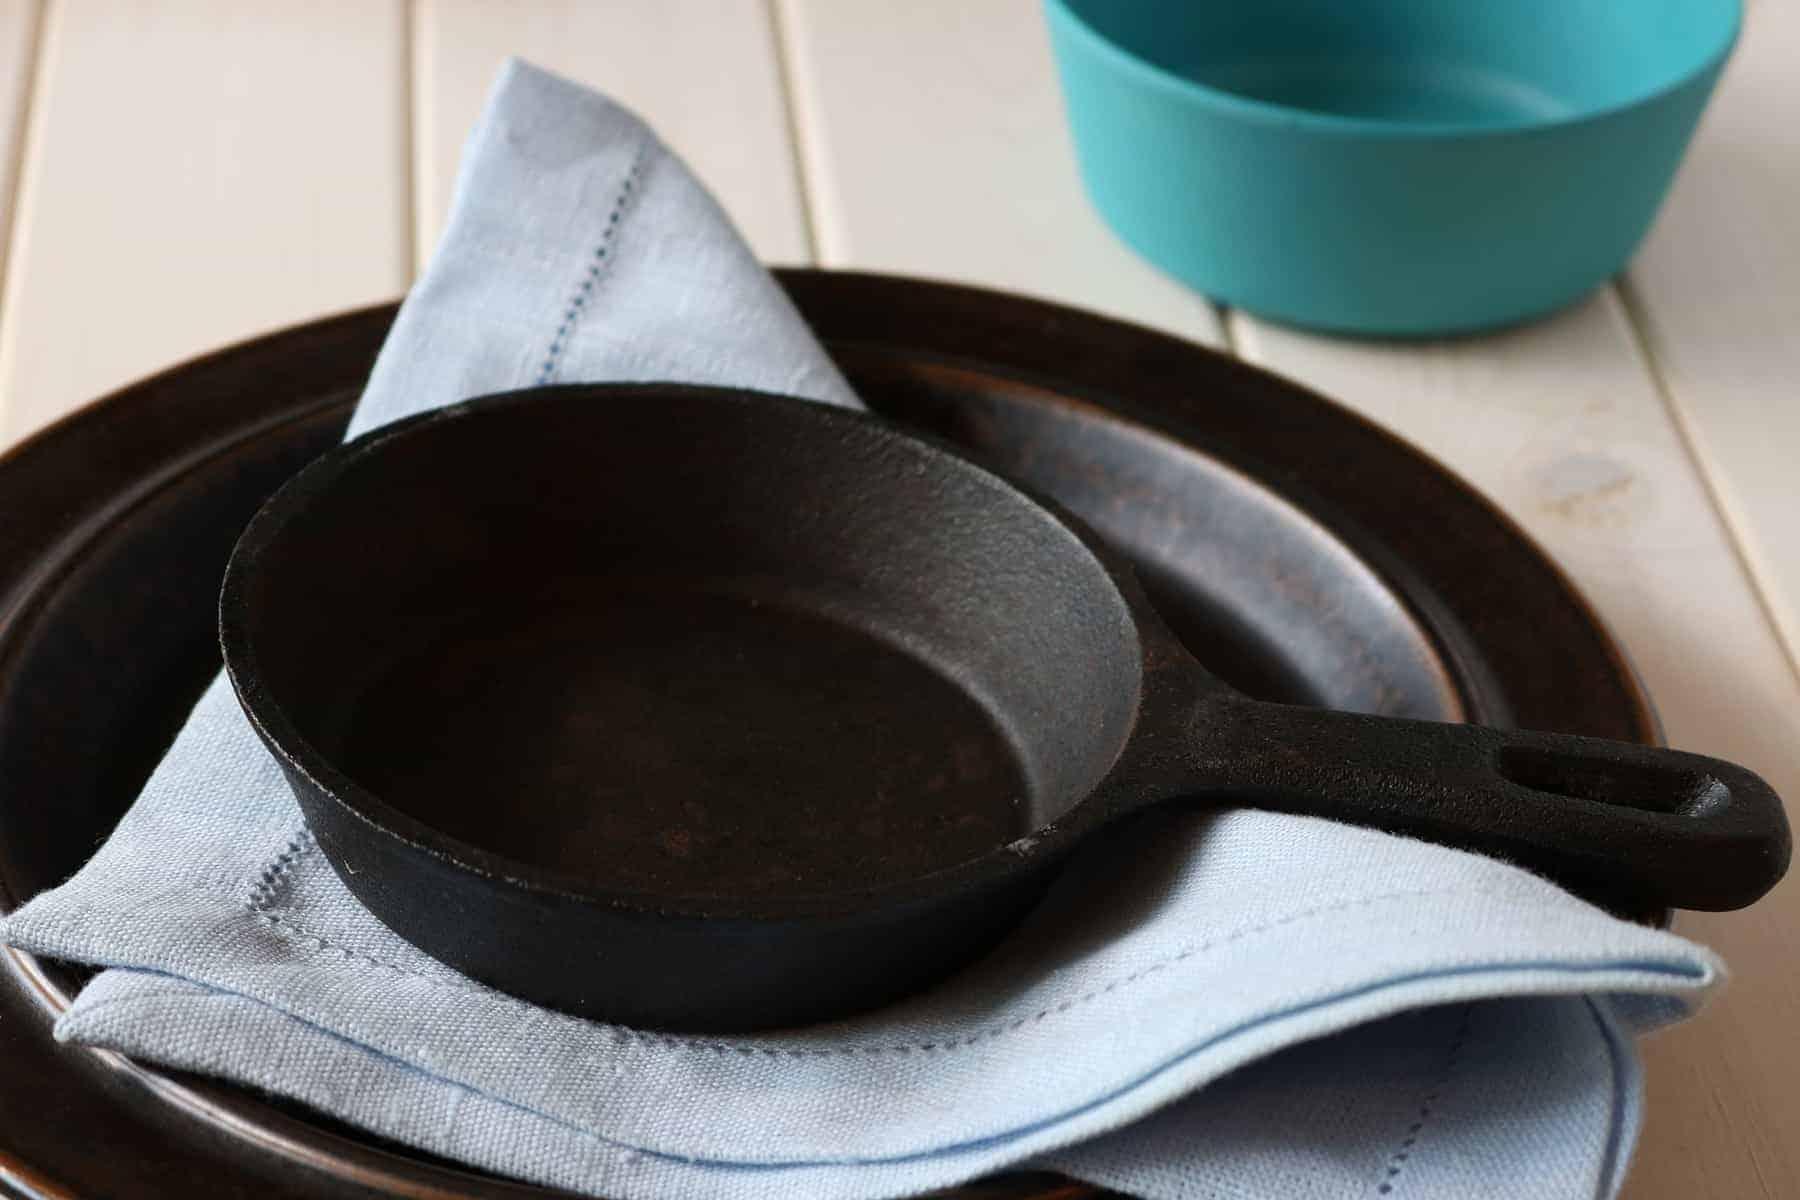 non-toxic non-stick cookware